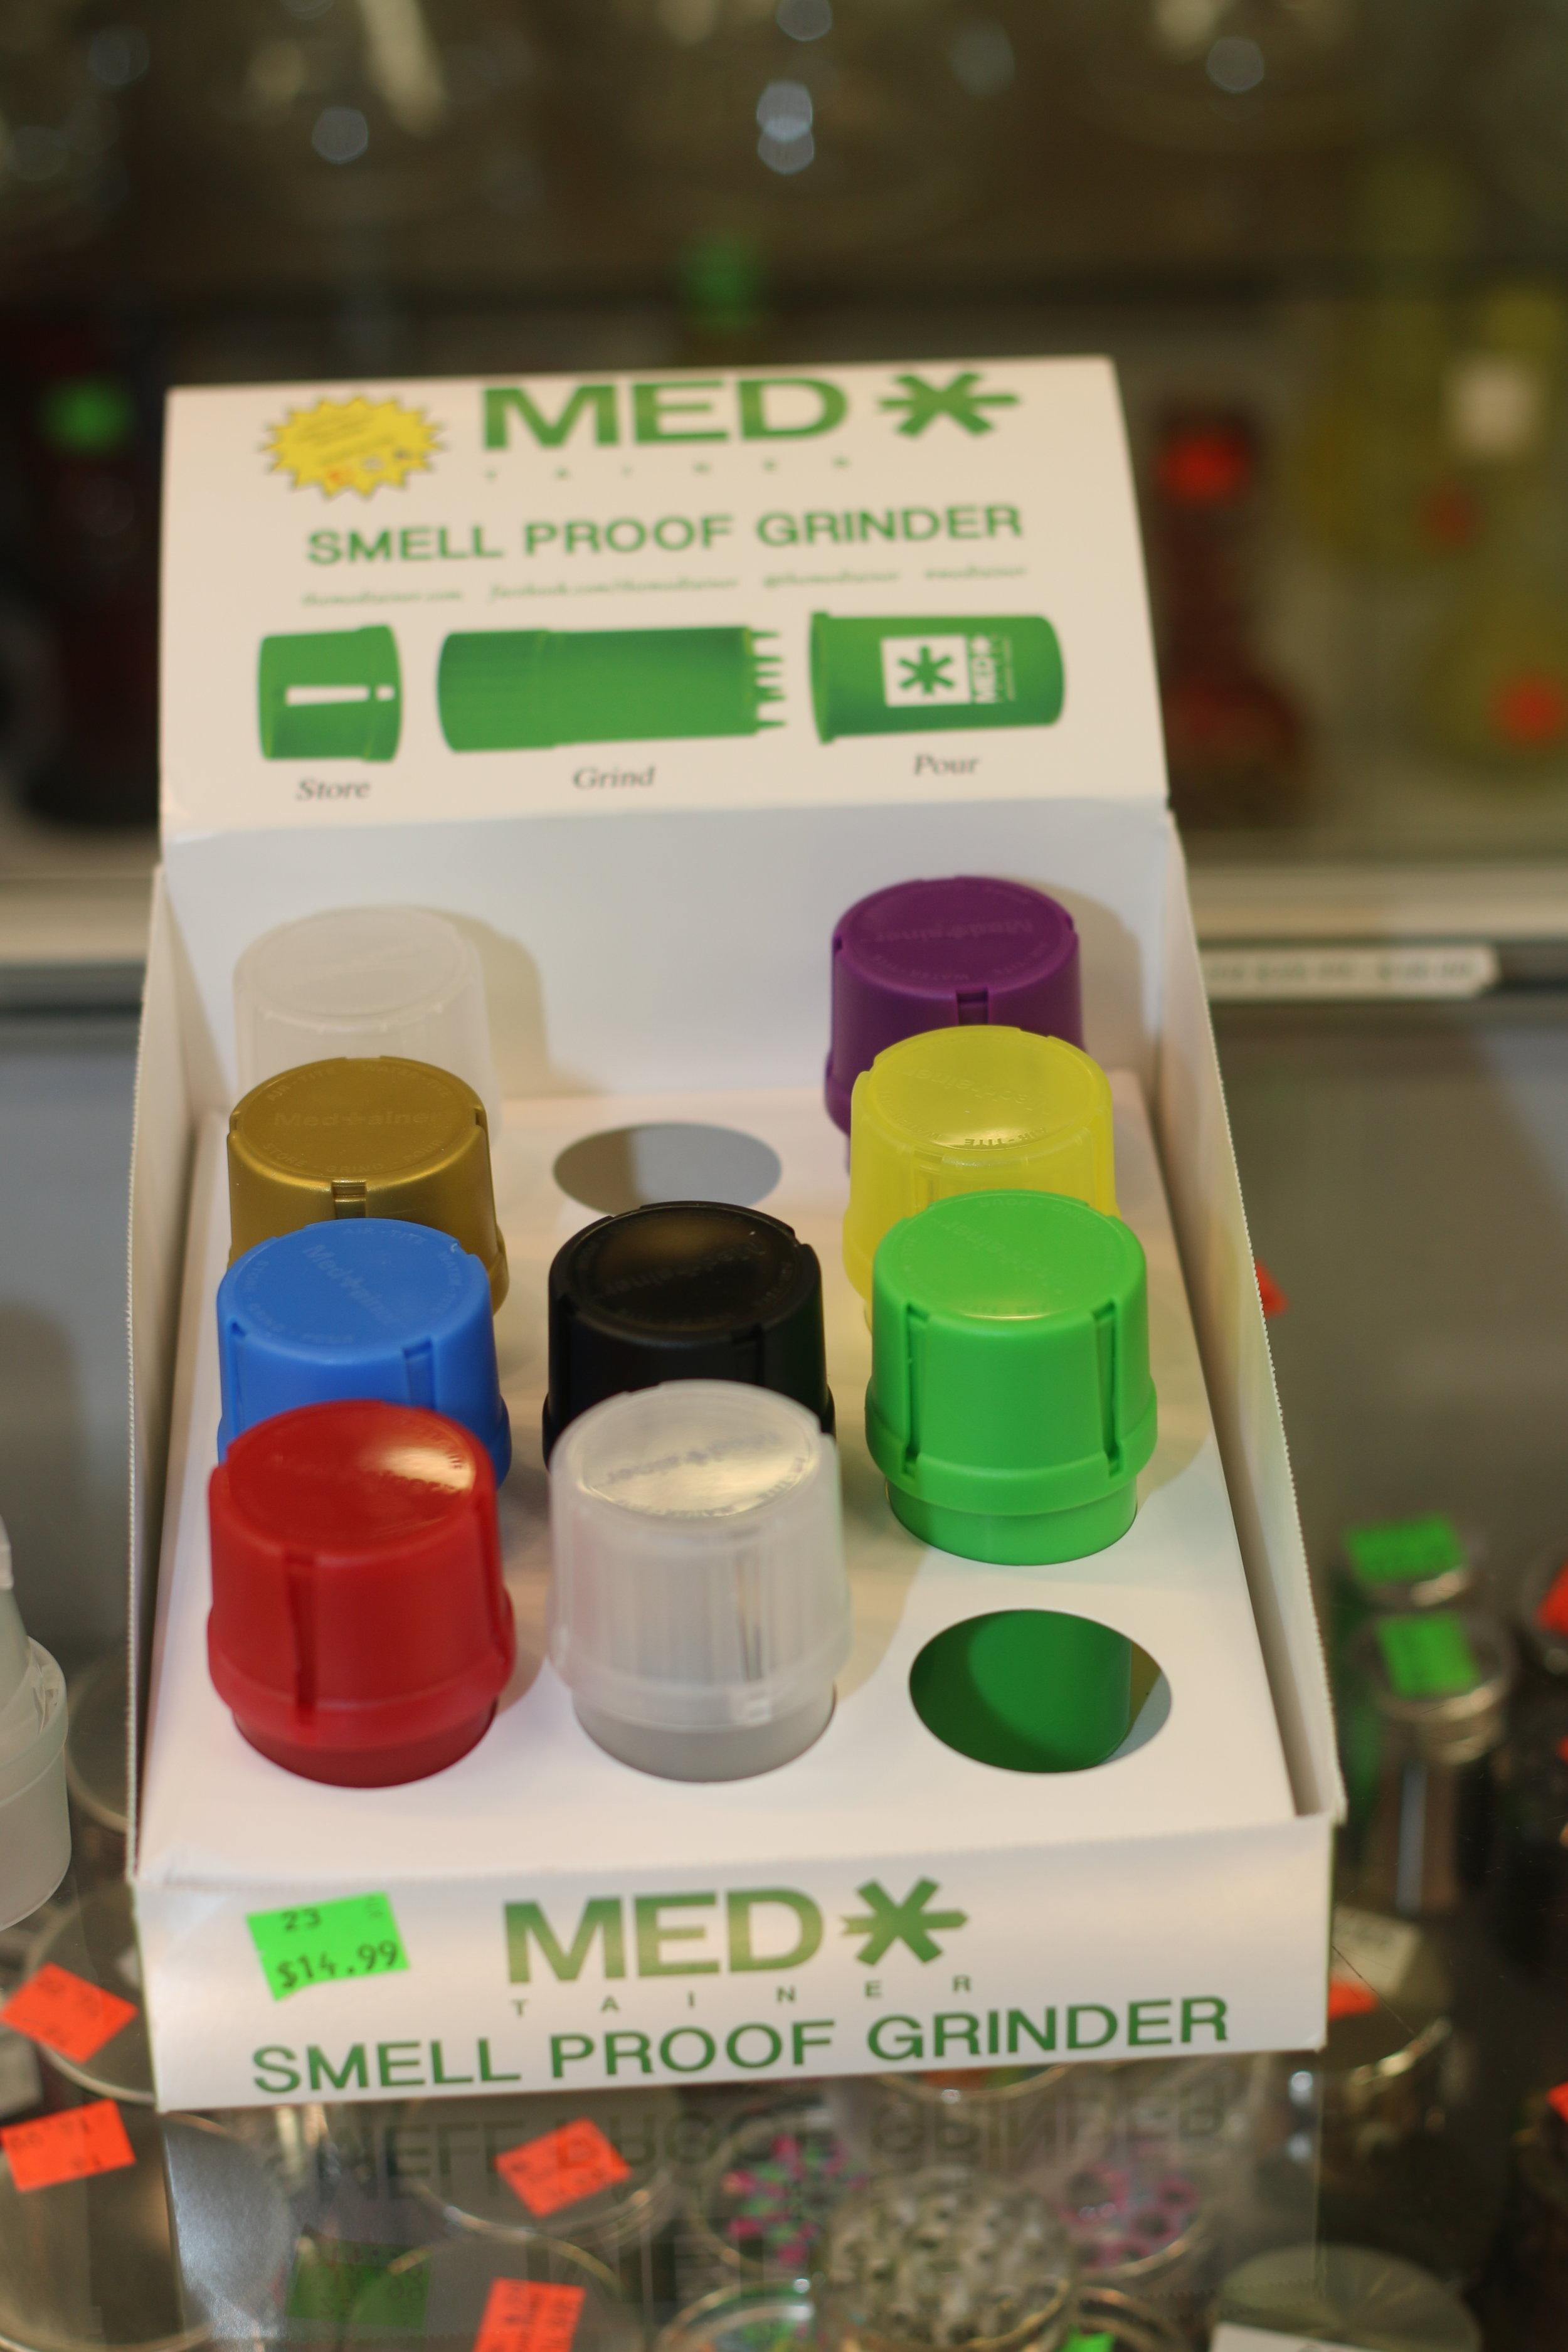 Med (smell proof grinder) including extra stroage